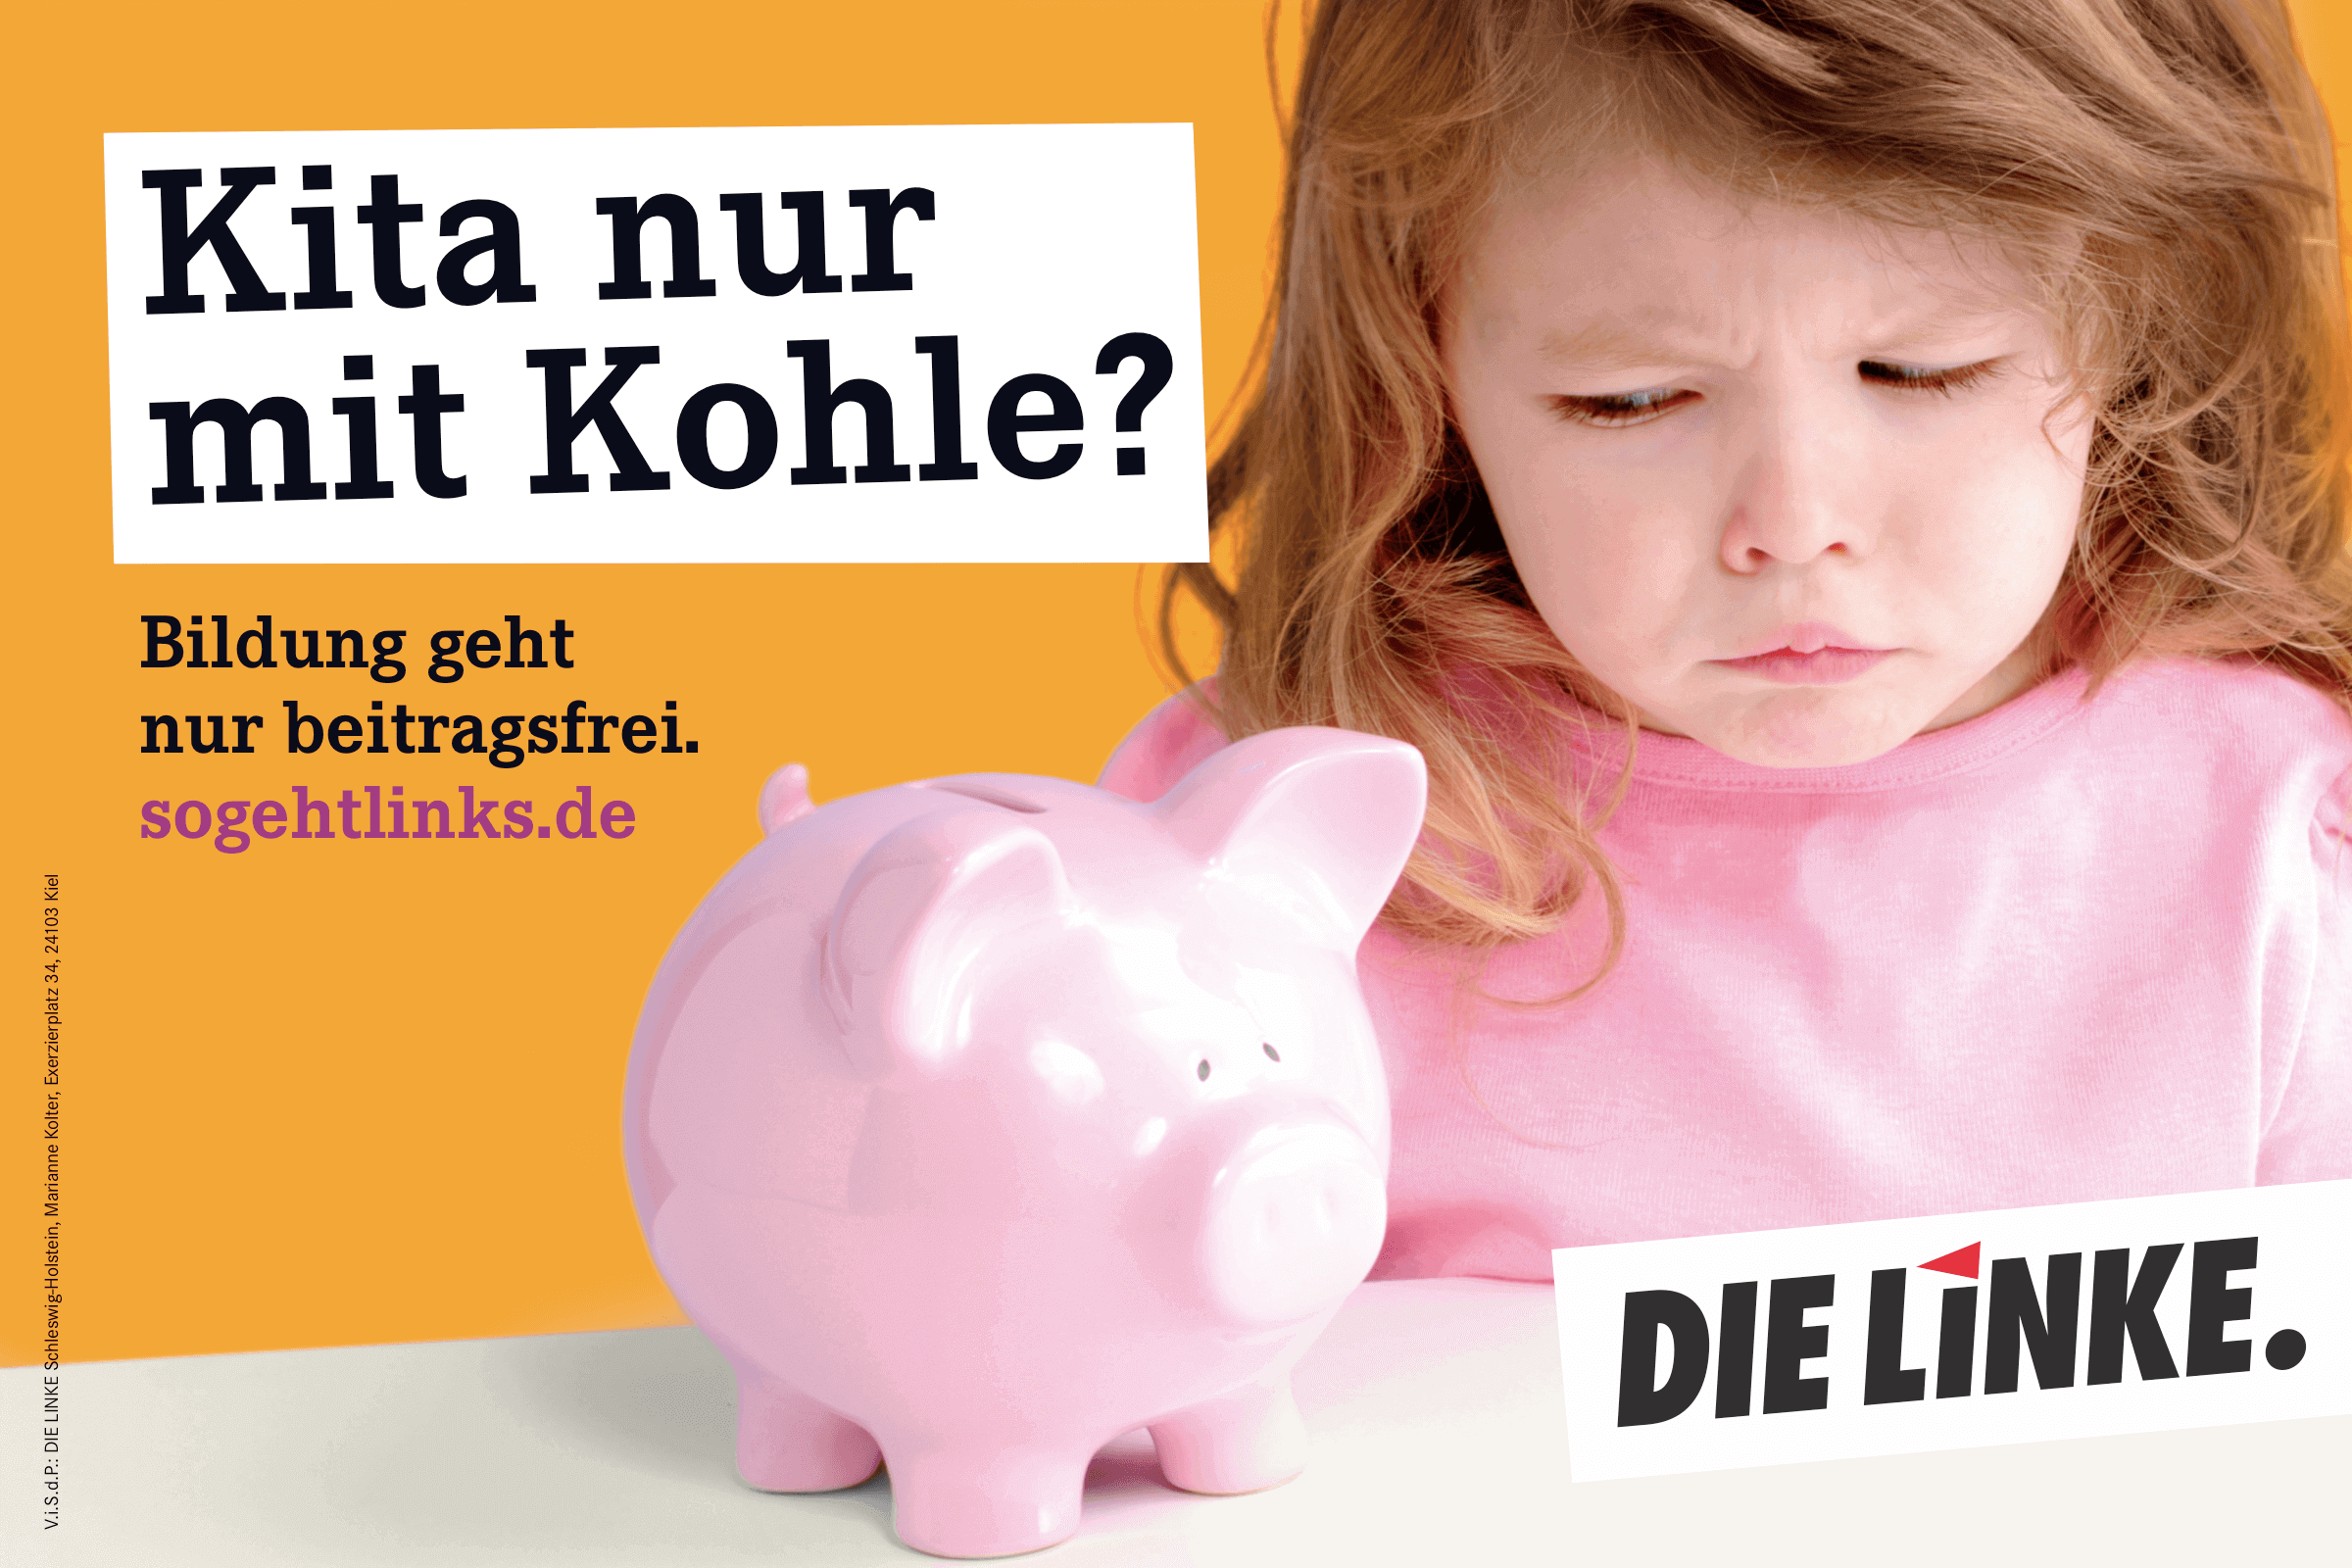 Kita nur mit Kohle? Bildung geht nur Beitragsfrei. (Plakat DIE LINKE zur Landtagswahl 2017 in Schleswig-Holstein)